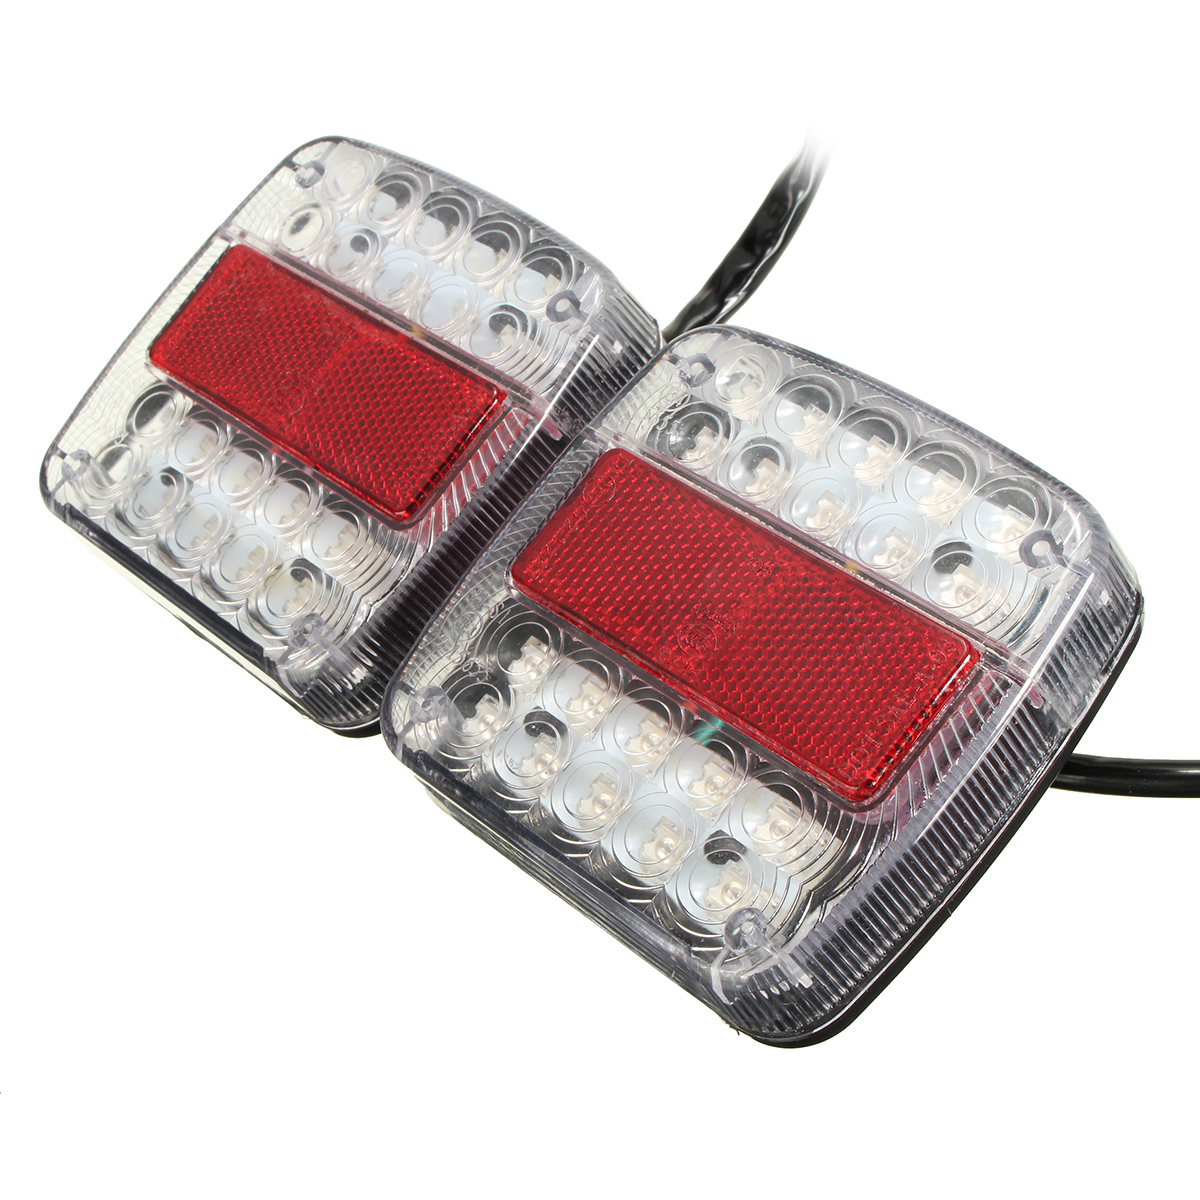 wiring diagram 93 chevy silverado images trailer backup light wiring chevy silverado tail light wiring diagram